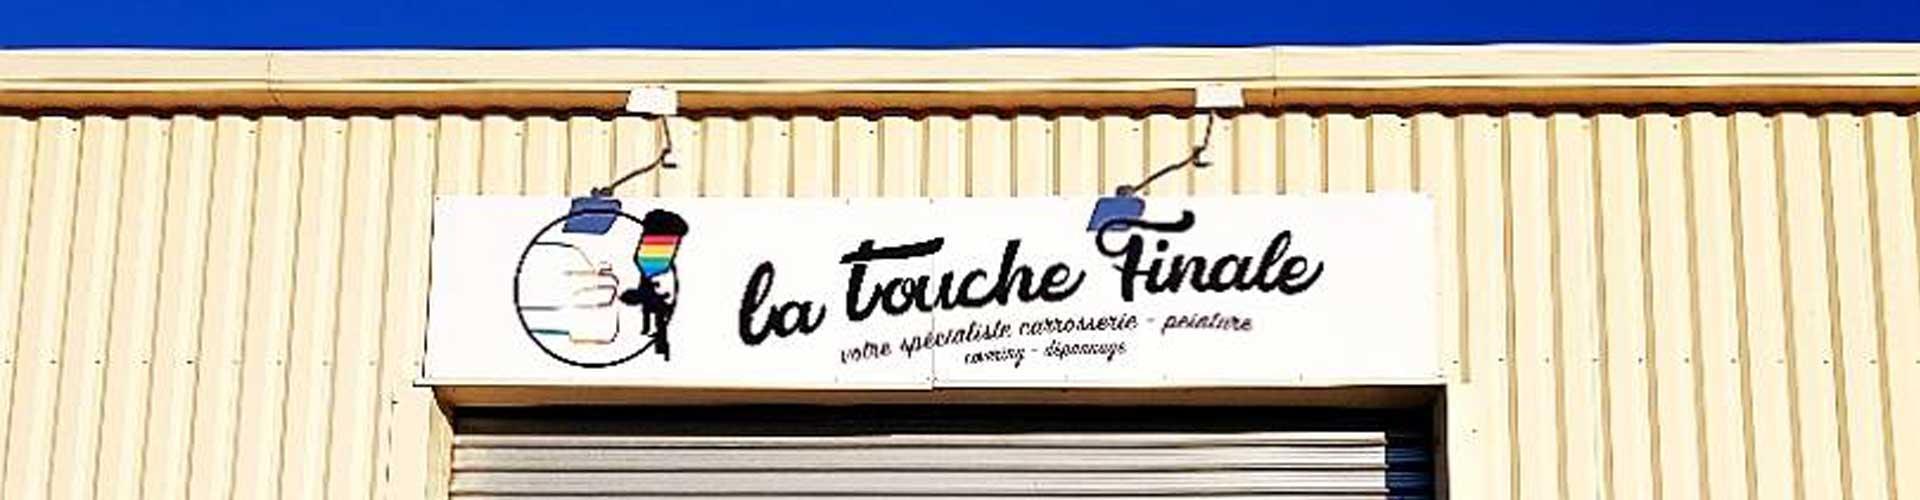 Carrosserie, peinture, petite mécanique, La Touche Finale à Paulhan dans l'Hérault